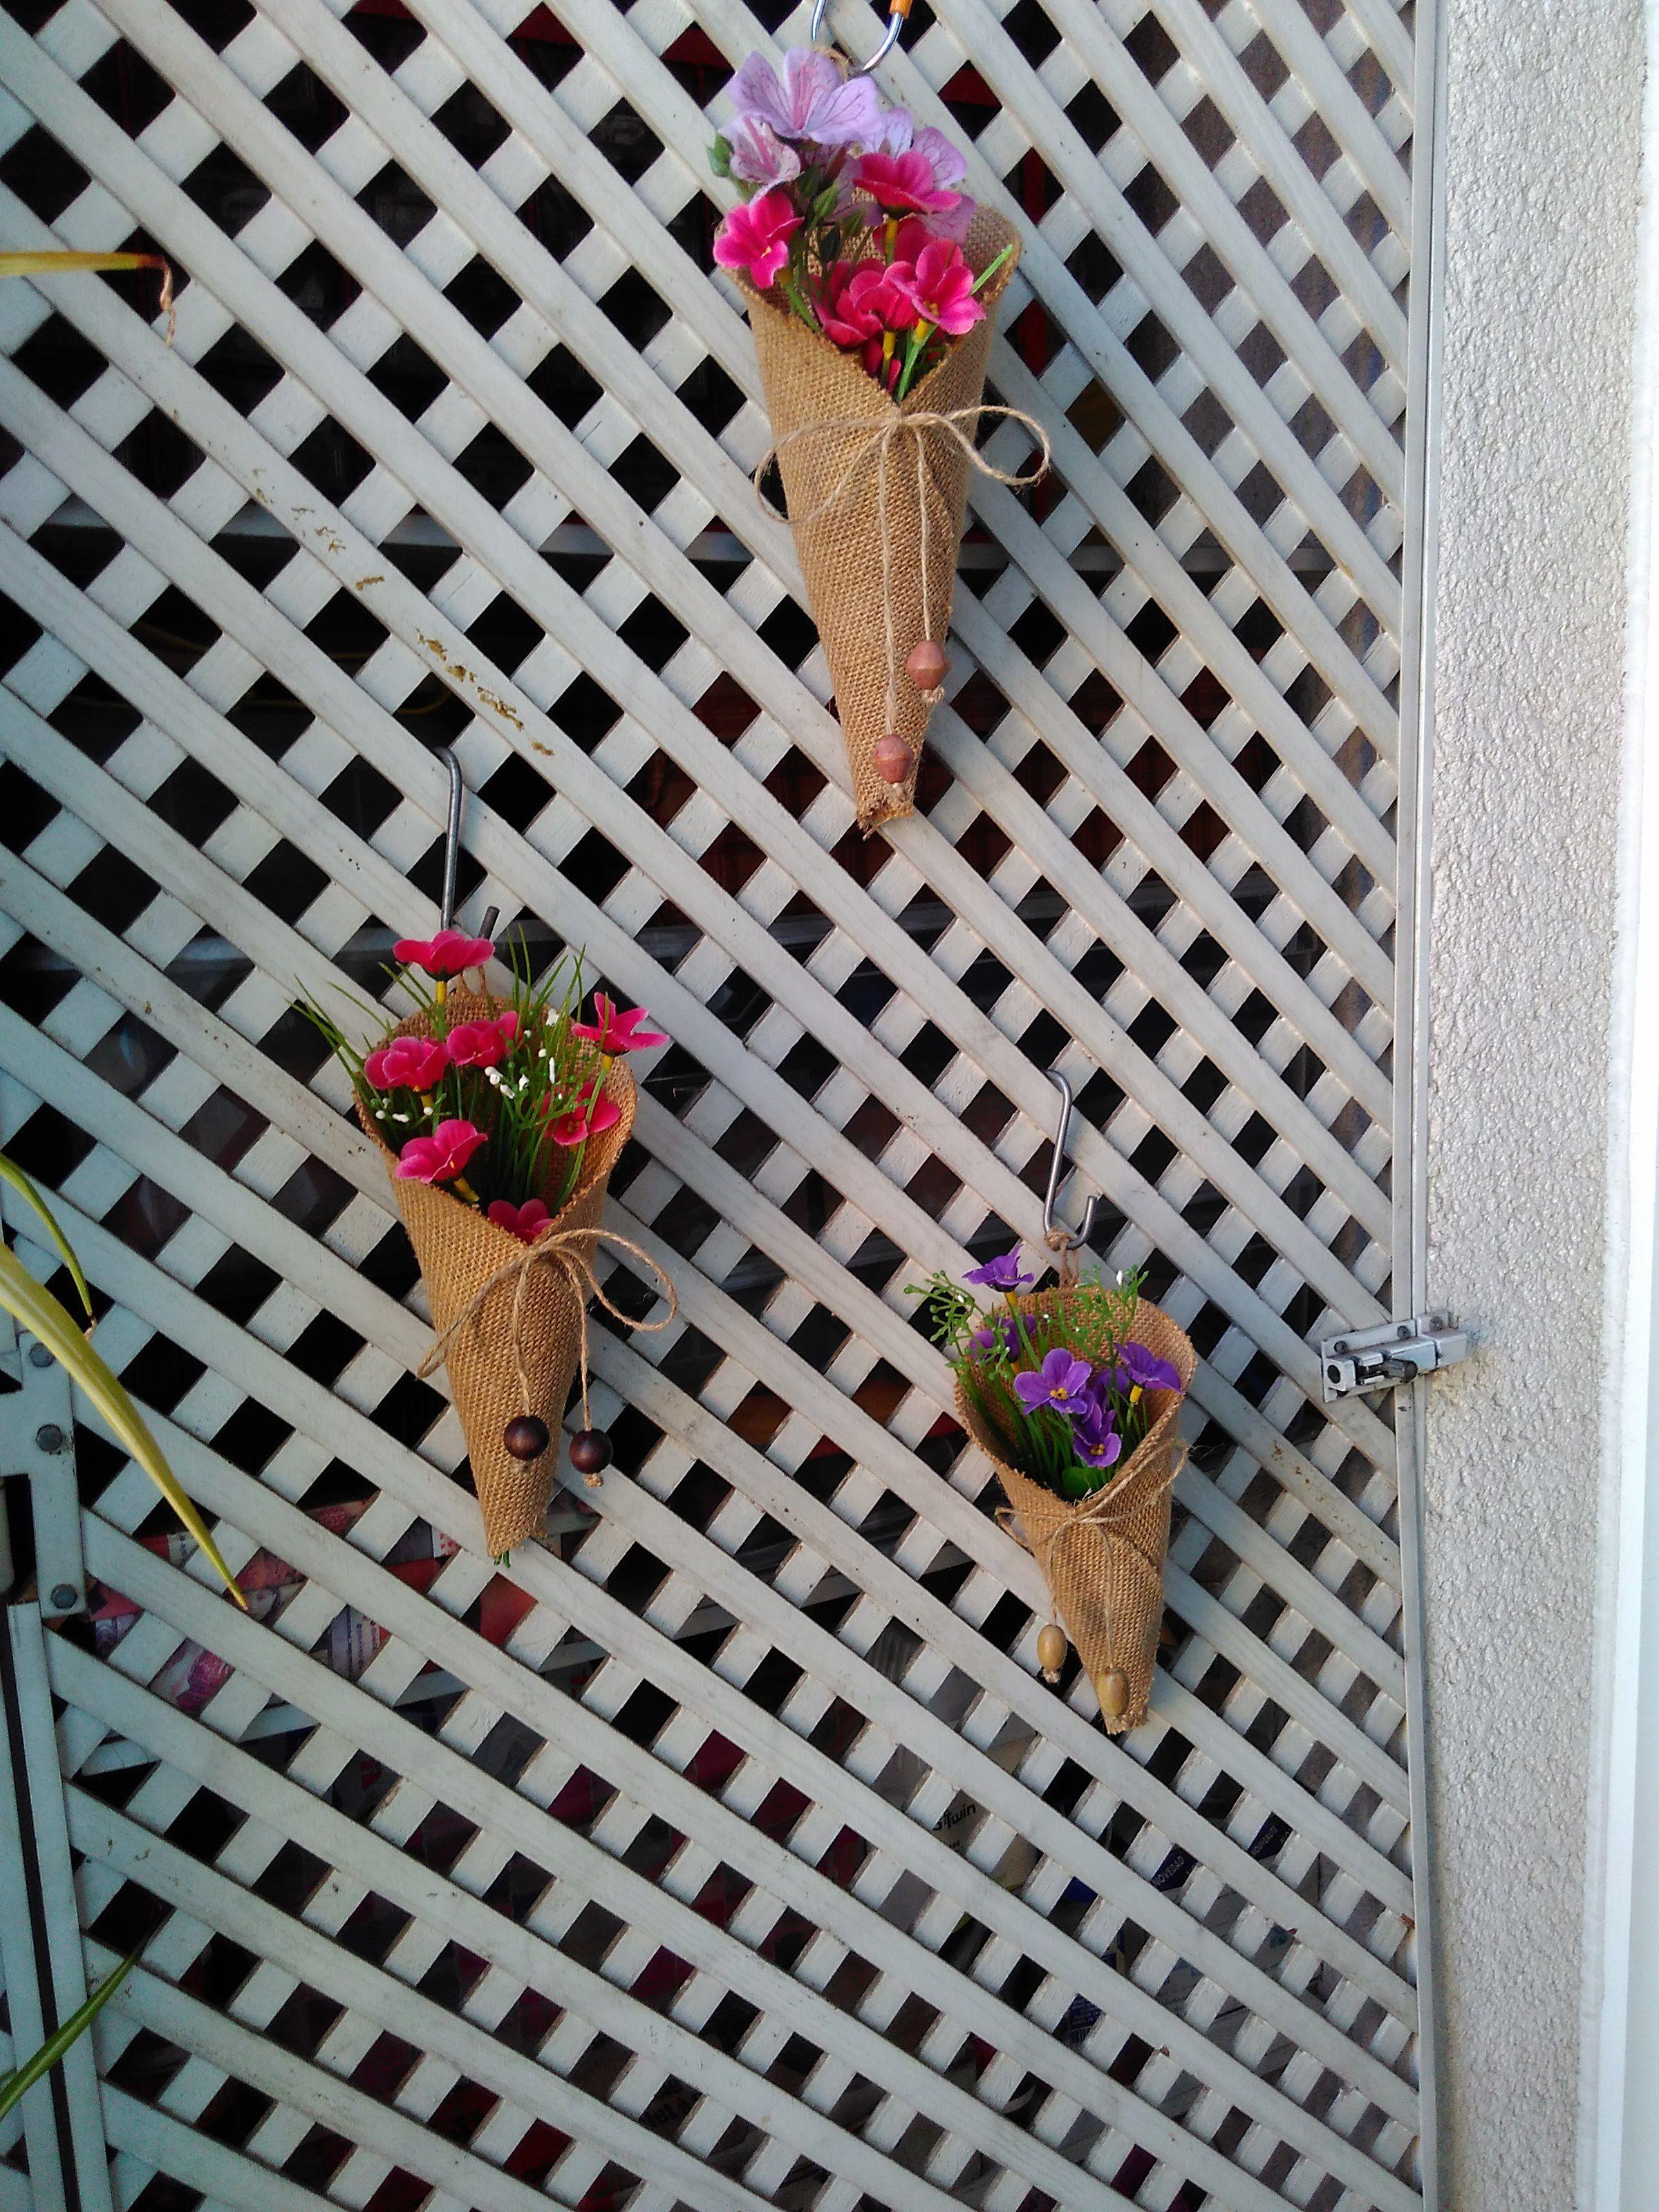 Conos rusticos que adornan mi terraza y la hacen muy acogedora.